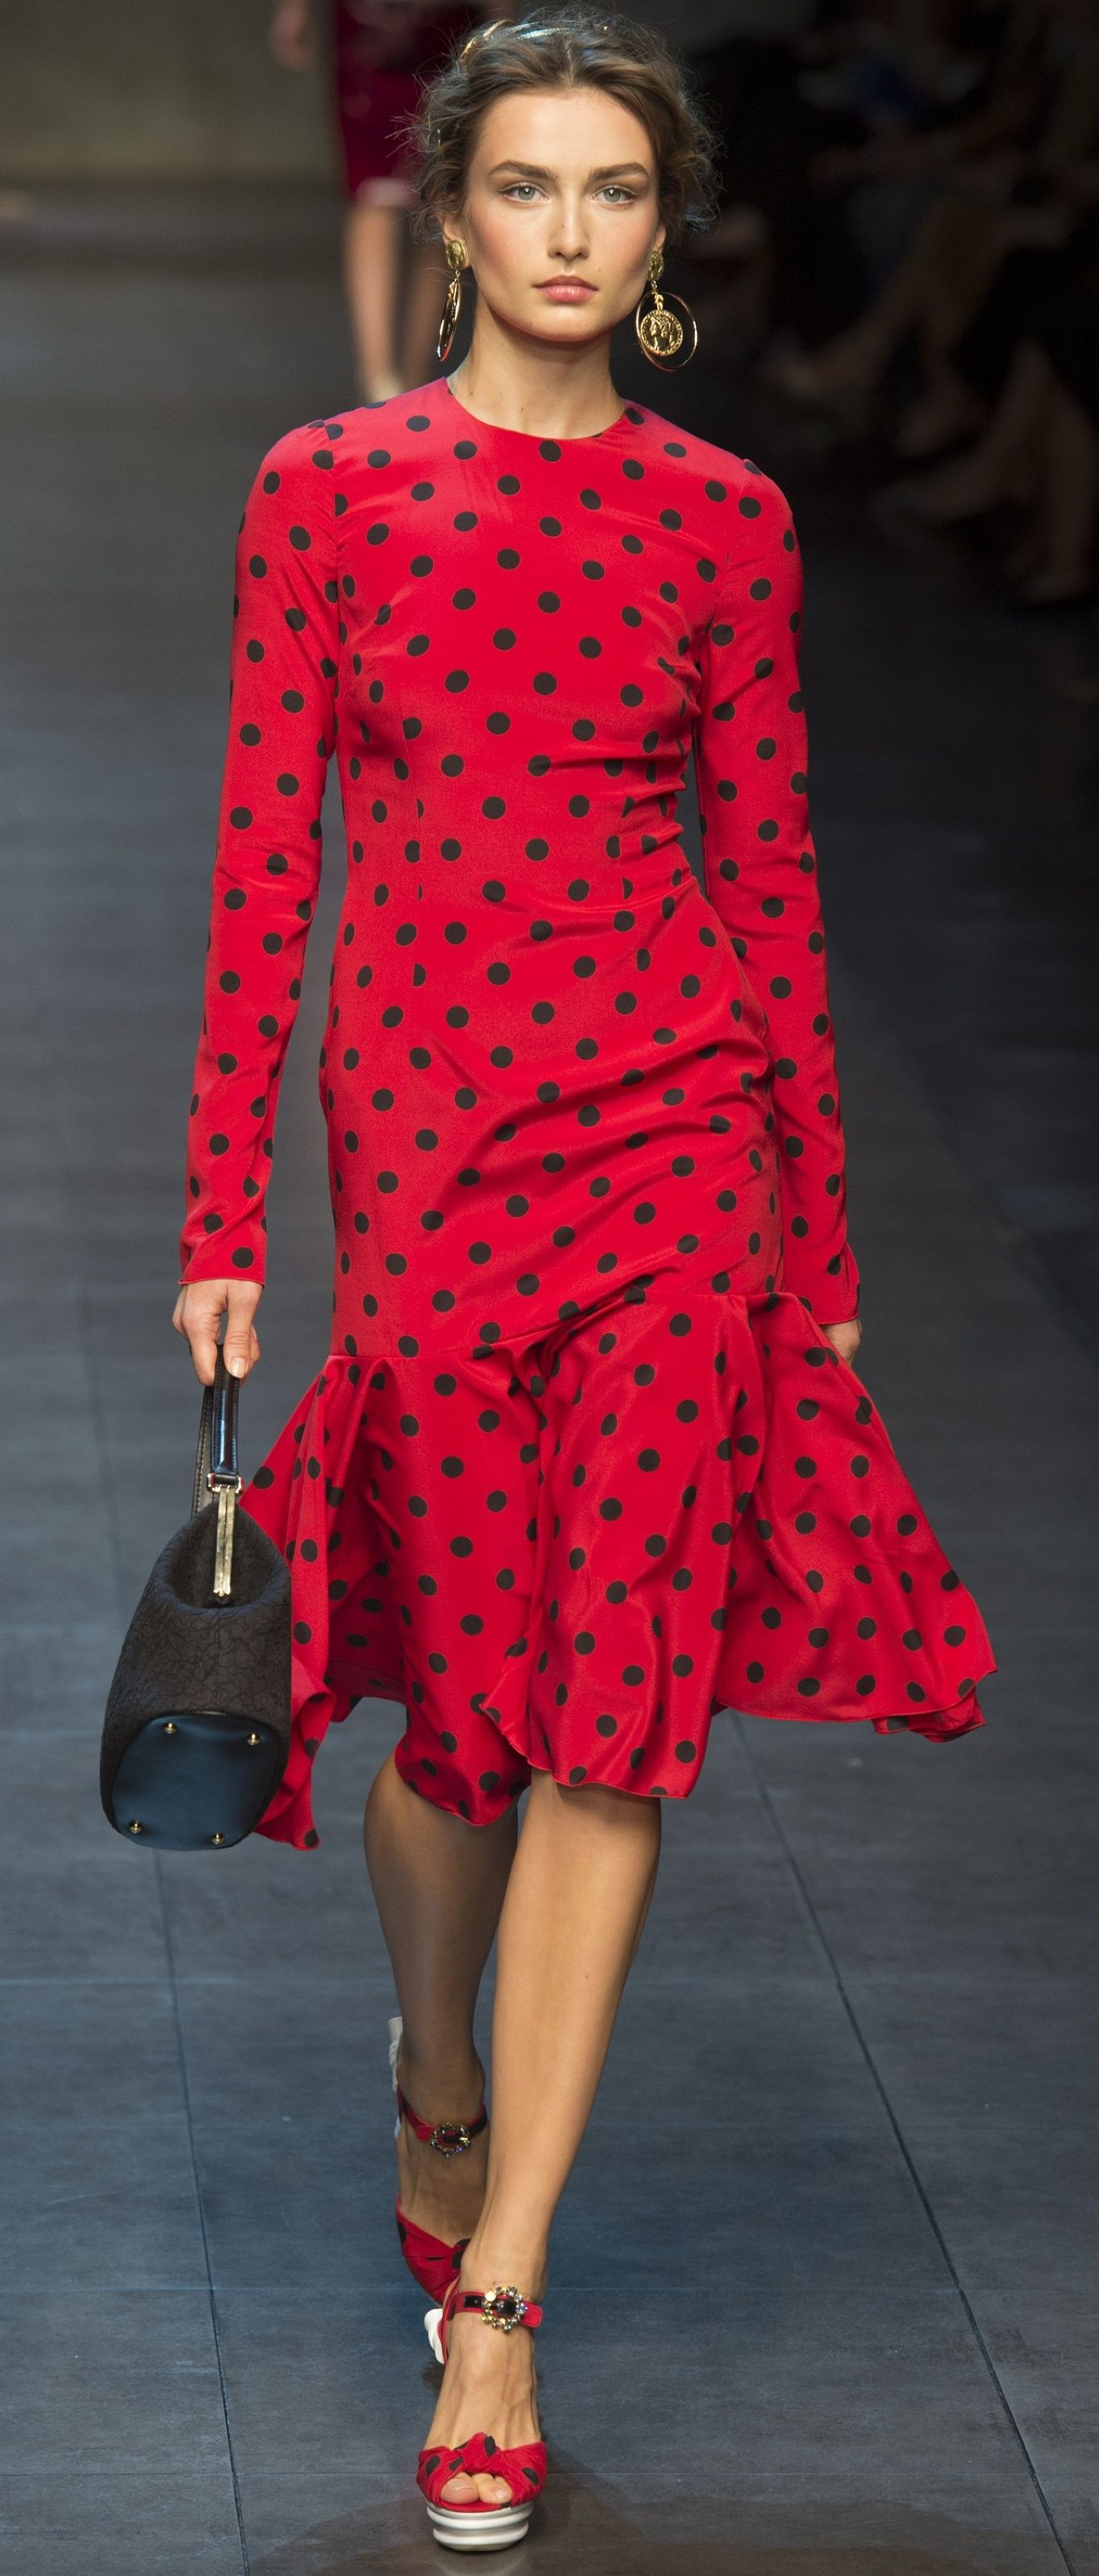 Dolce  Gabbana Spring 2014  -Dress - Haute Couture / Vestido - Alta Costura